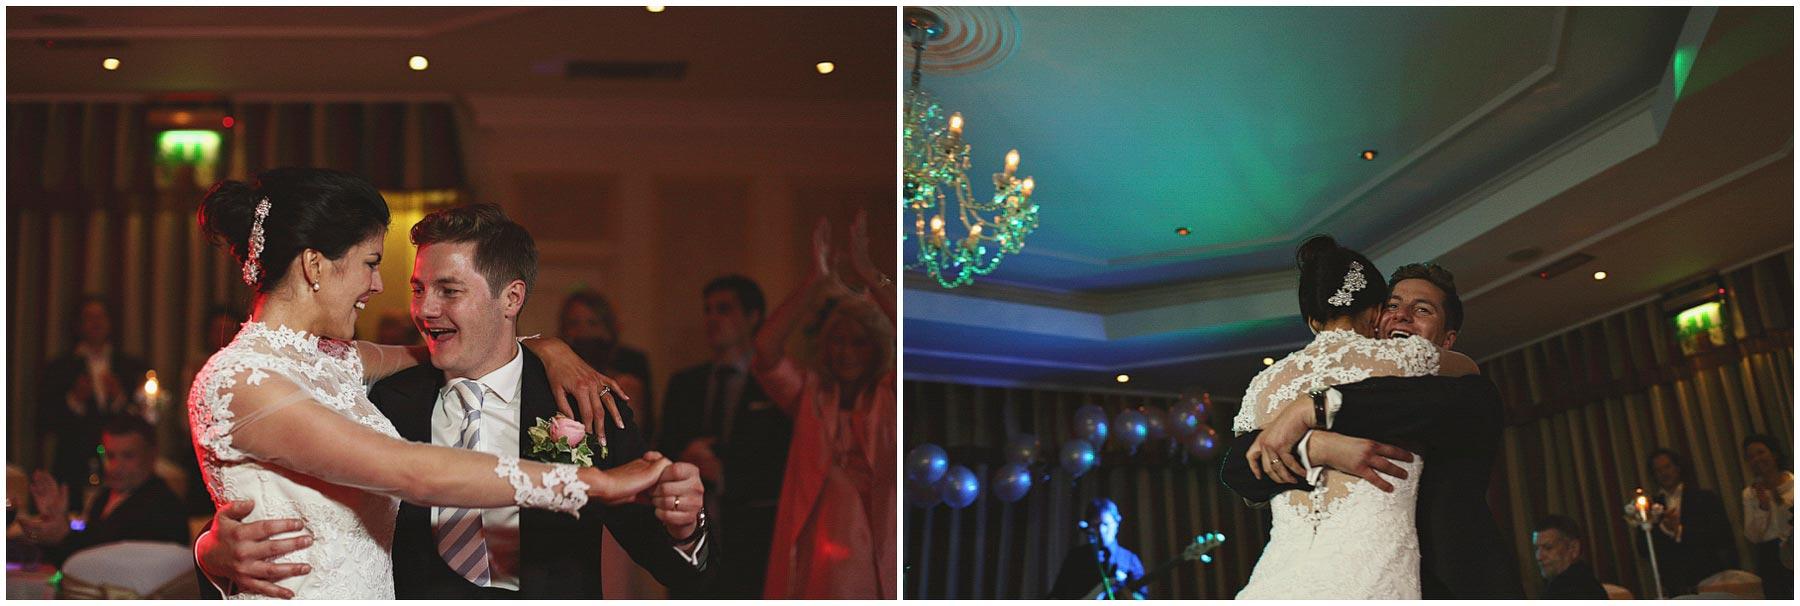 Wentbridge-House-Wedding-Photography-143